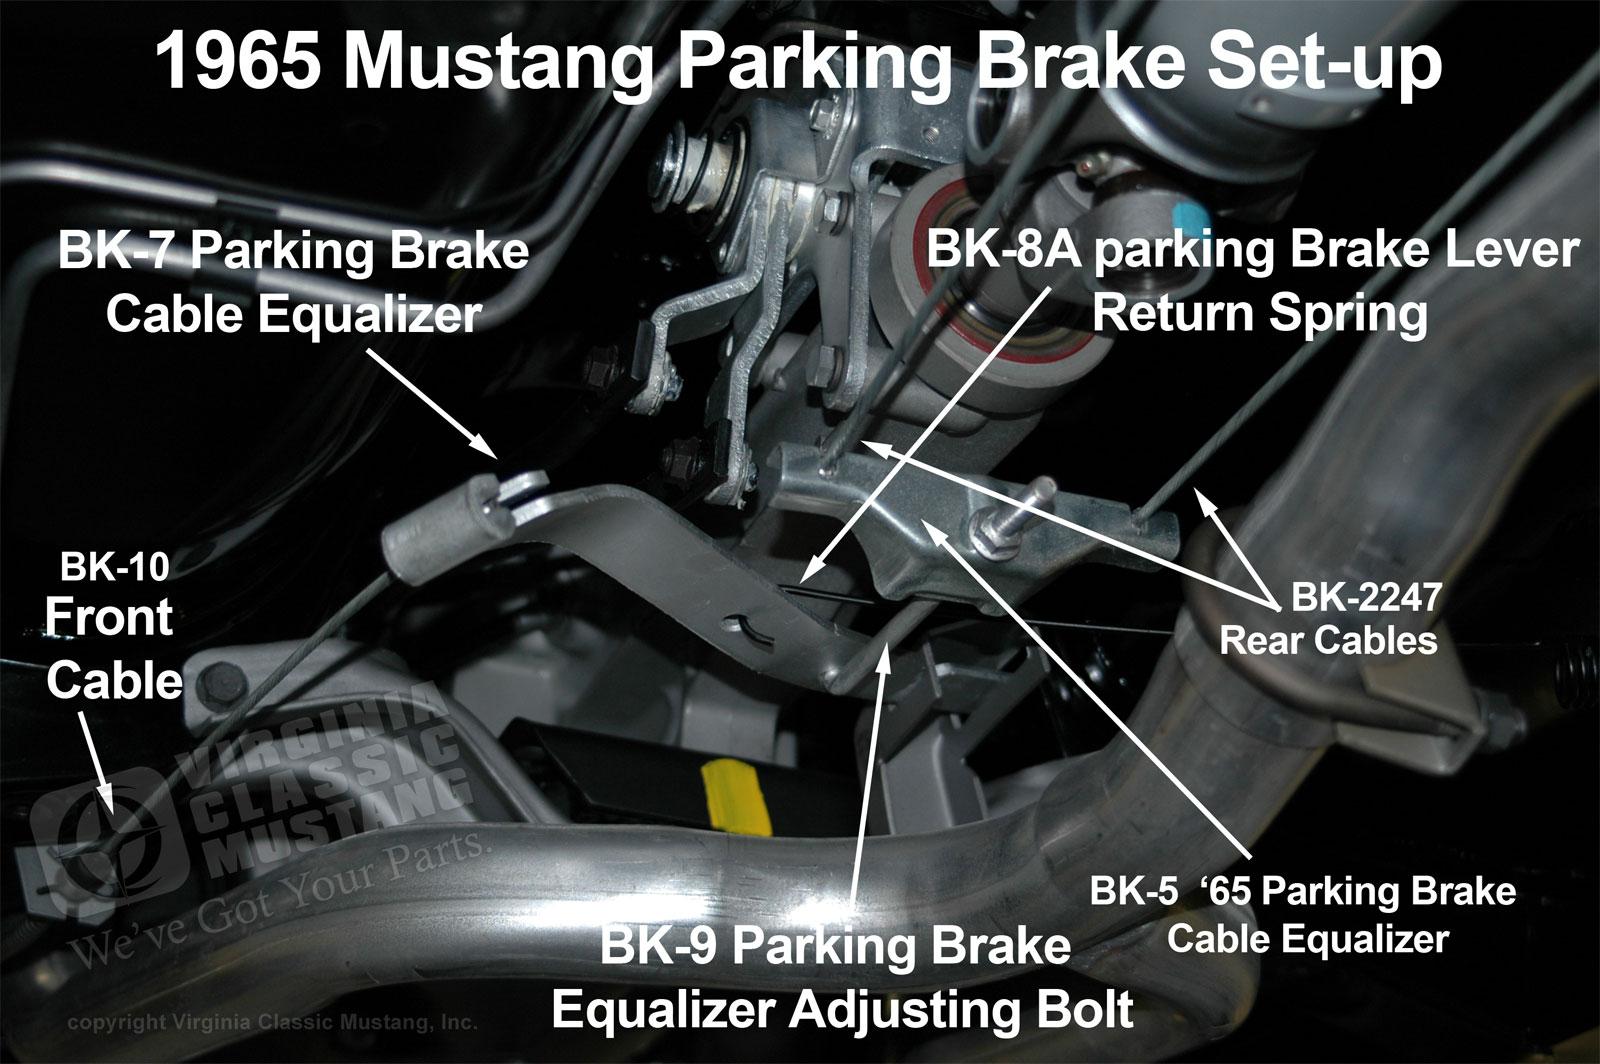 hight resolution of 1965 mustang parking brake set up